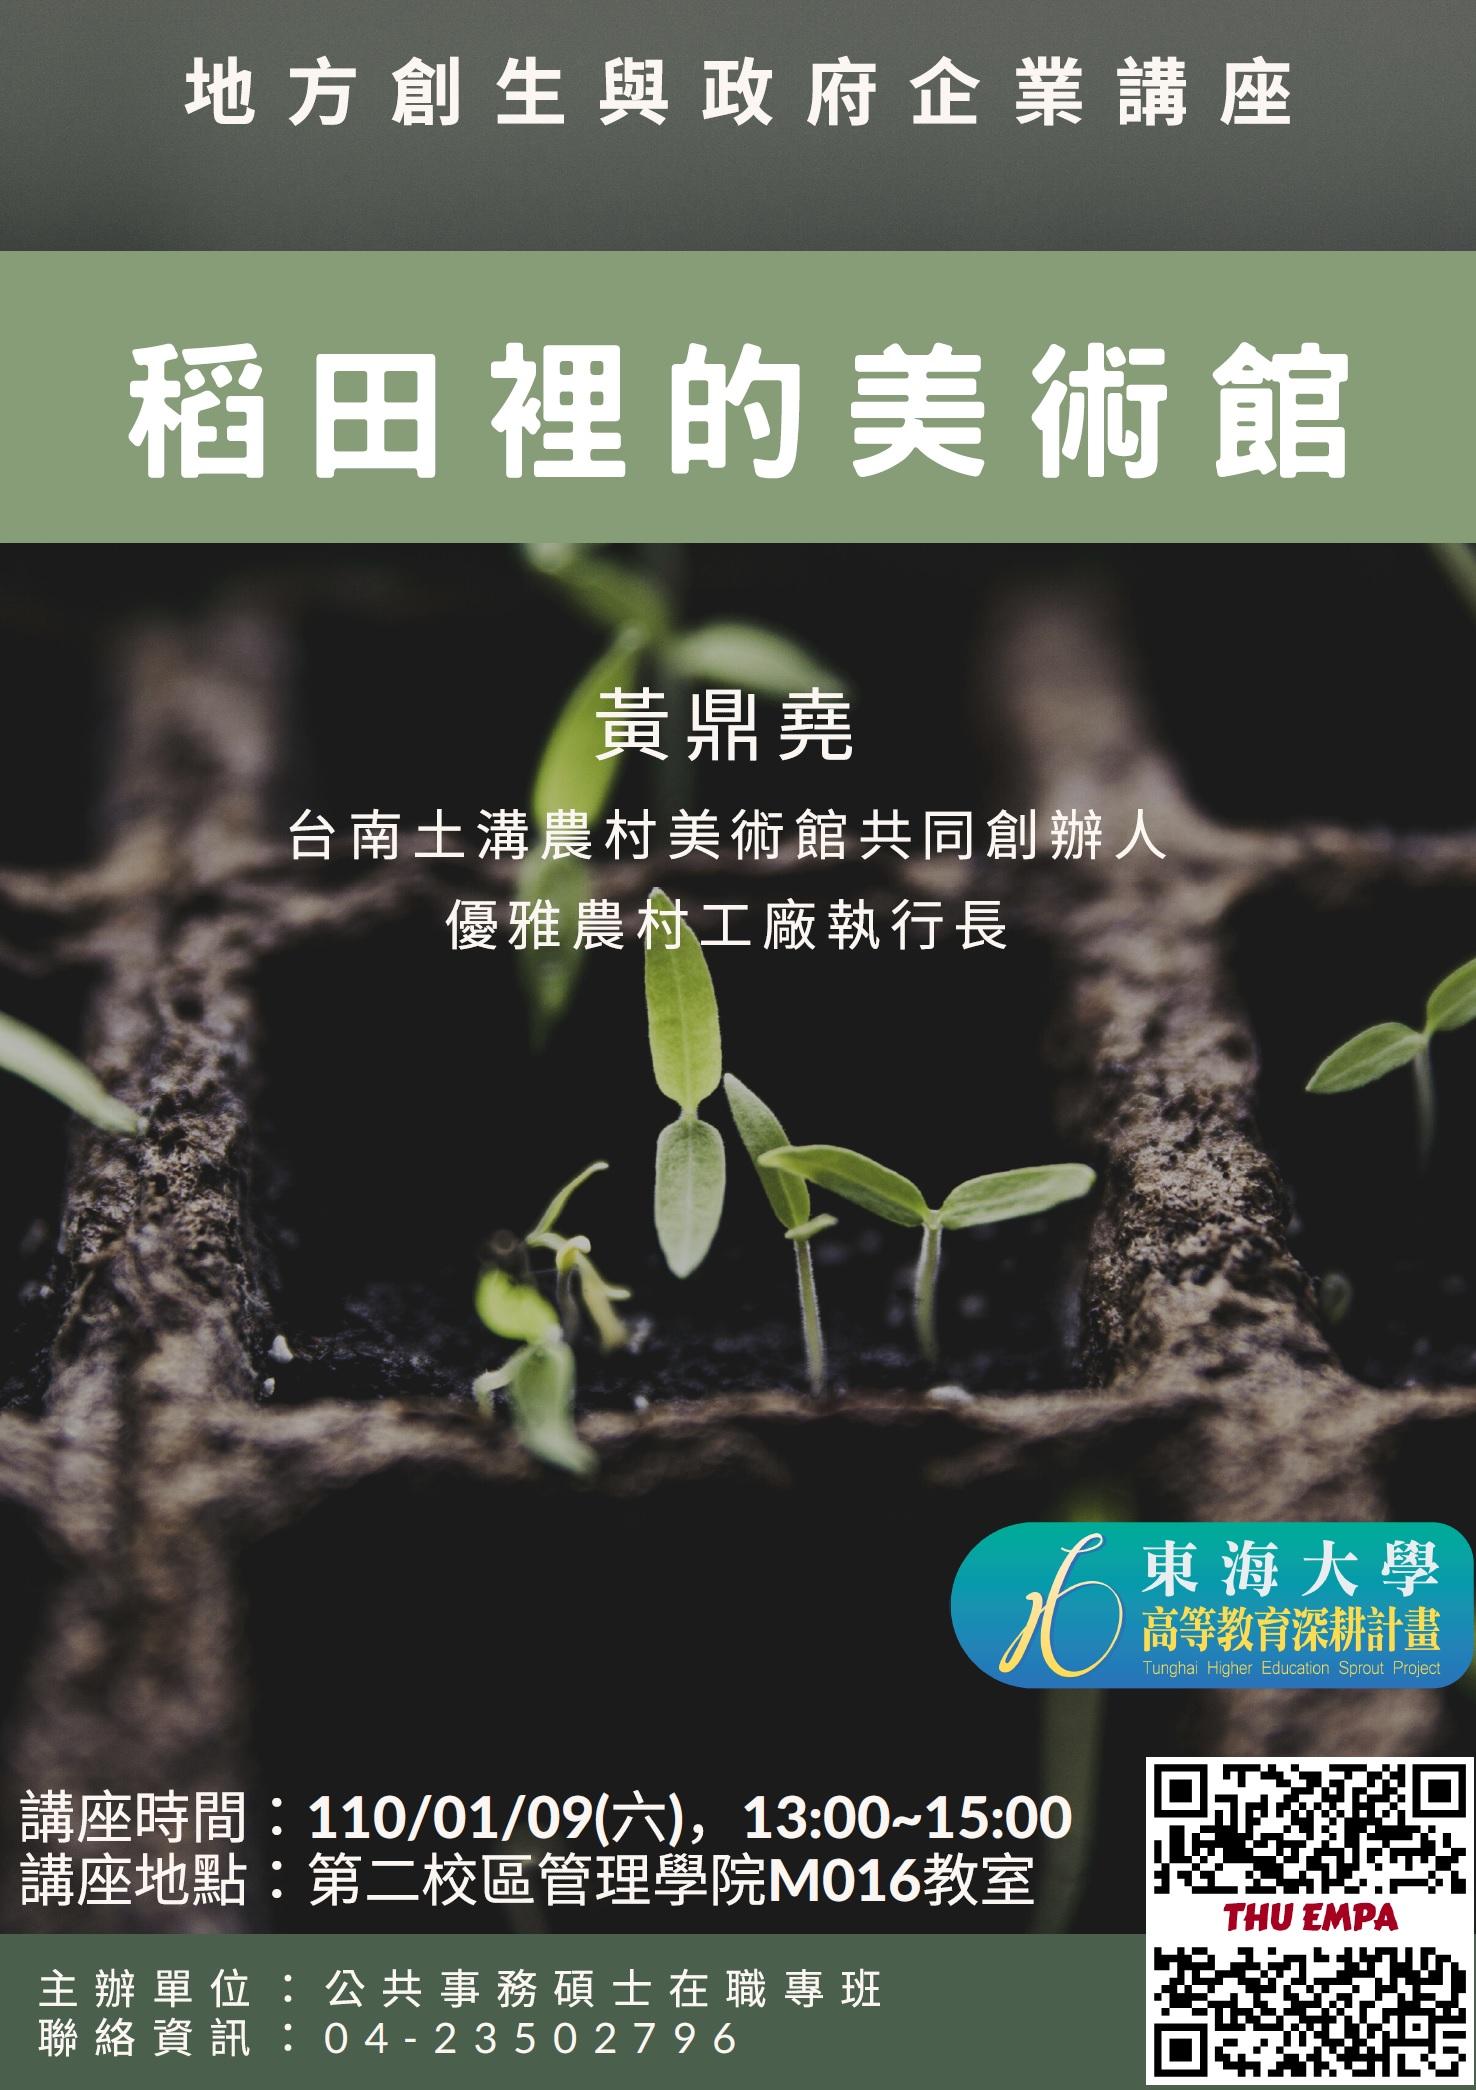 地方創生與政府企業講座X黃鼎堯(優雅農村工廠執行長)